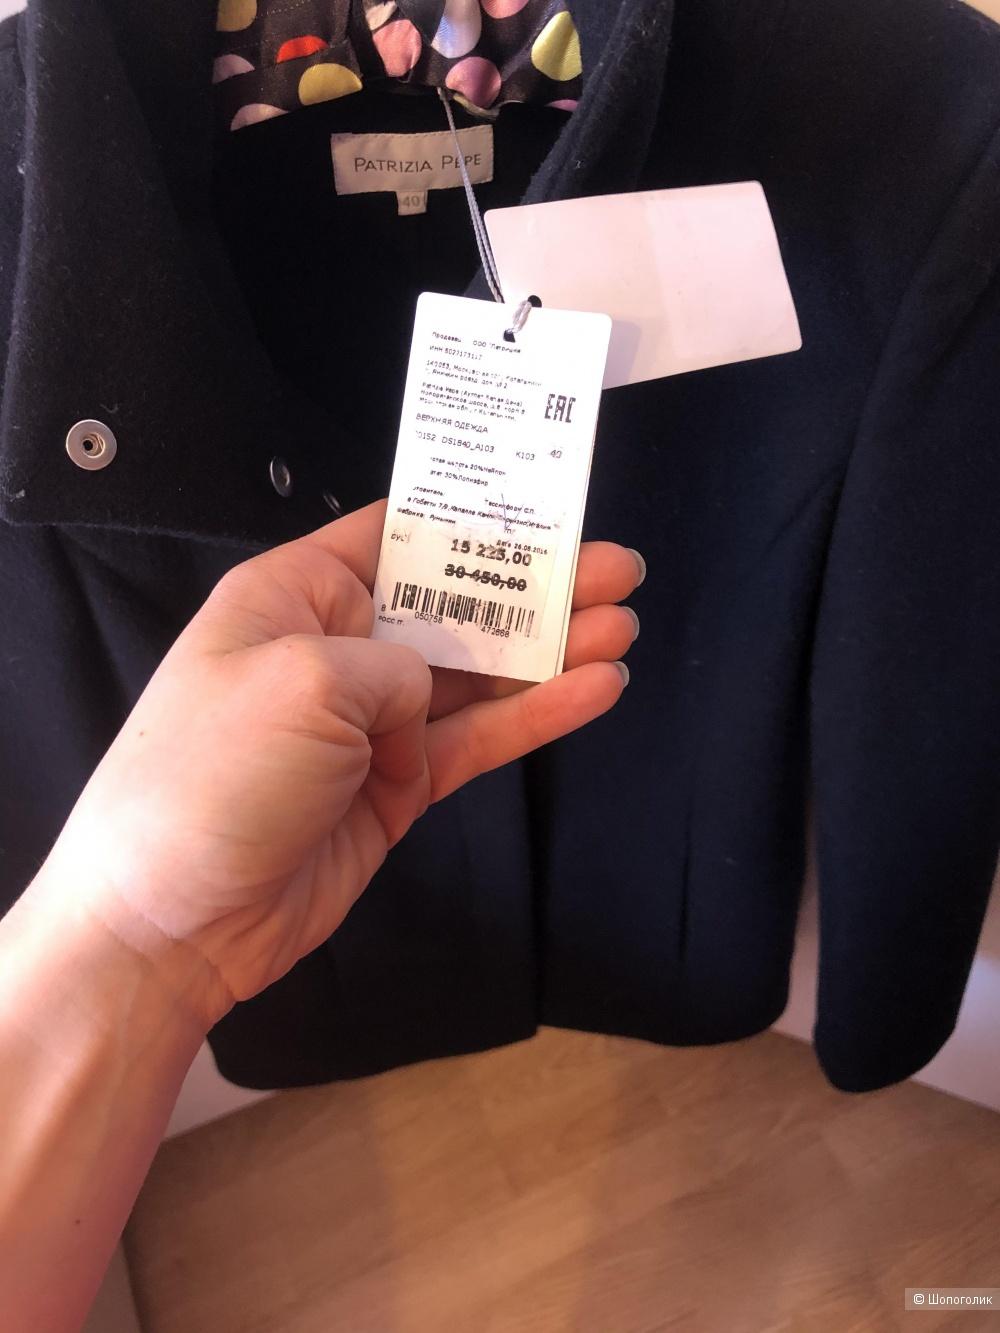 Пальто Patrizia Pepe 40 (XS)